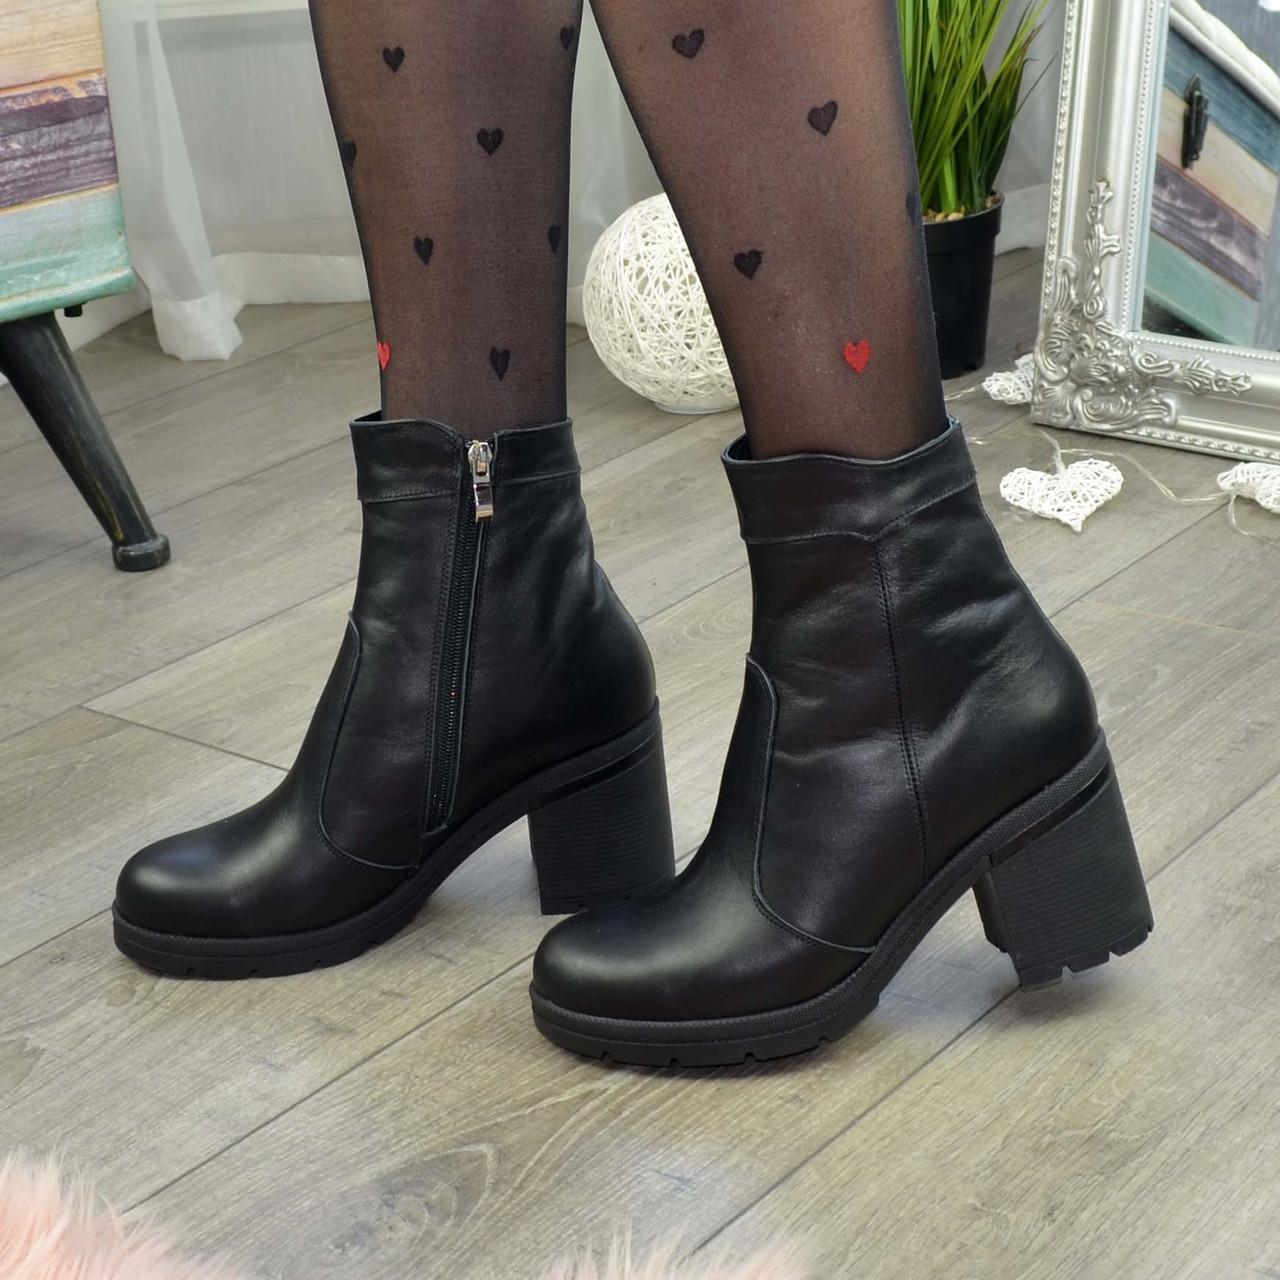 Ботинки женские черные кожаные на устойчивом каблуке. 38 размер